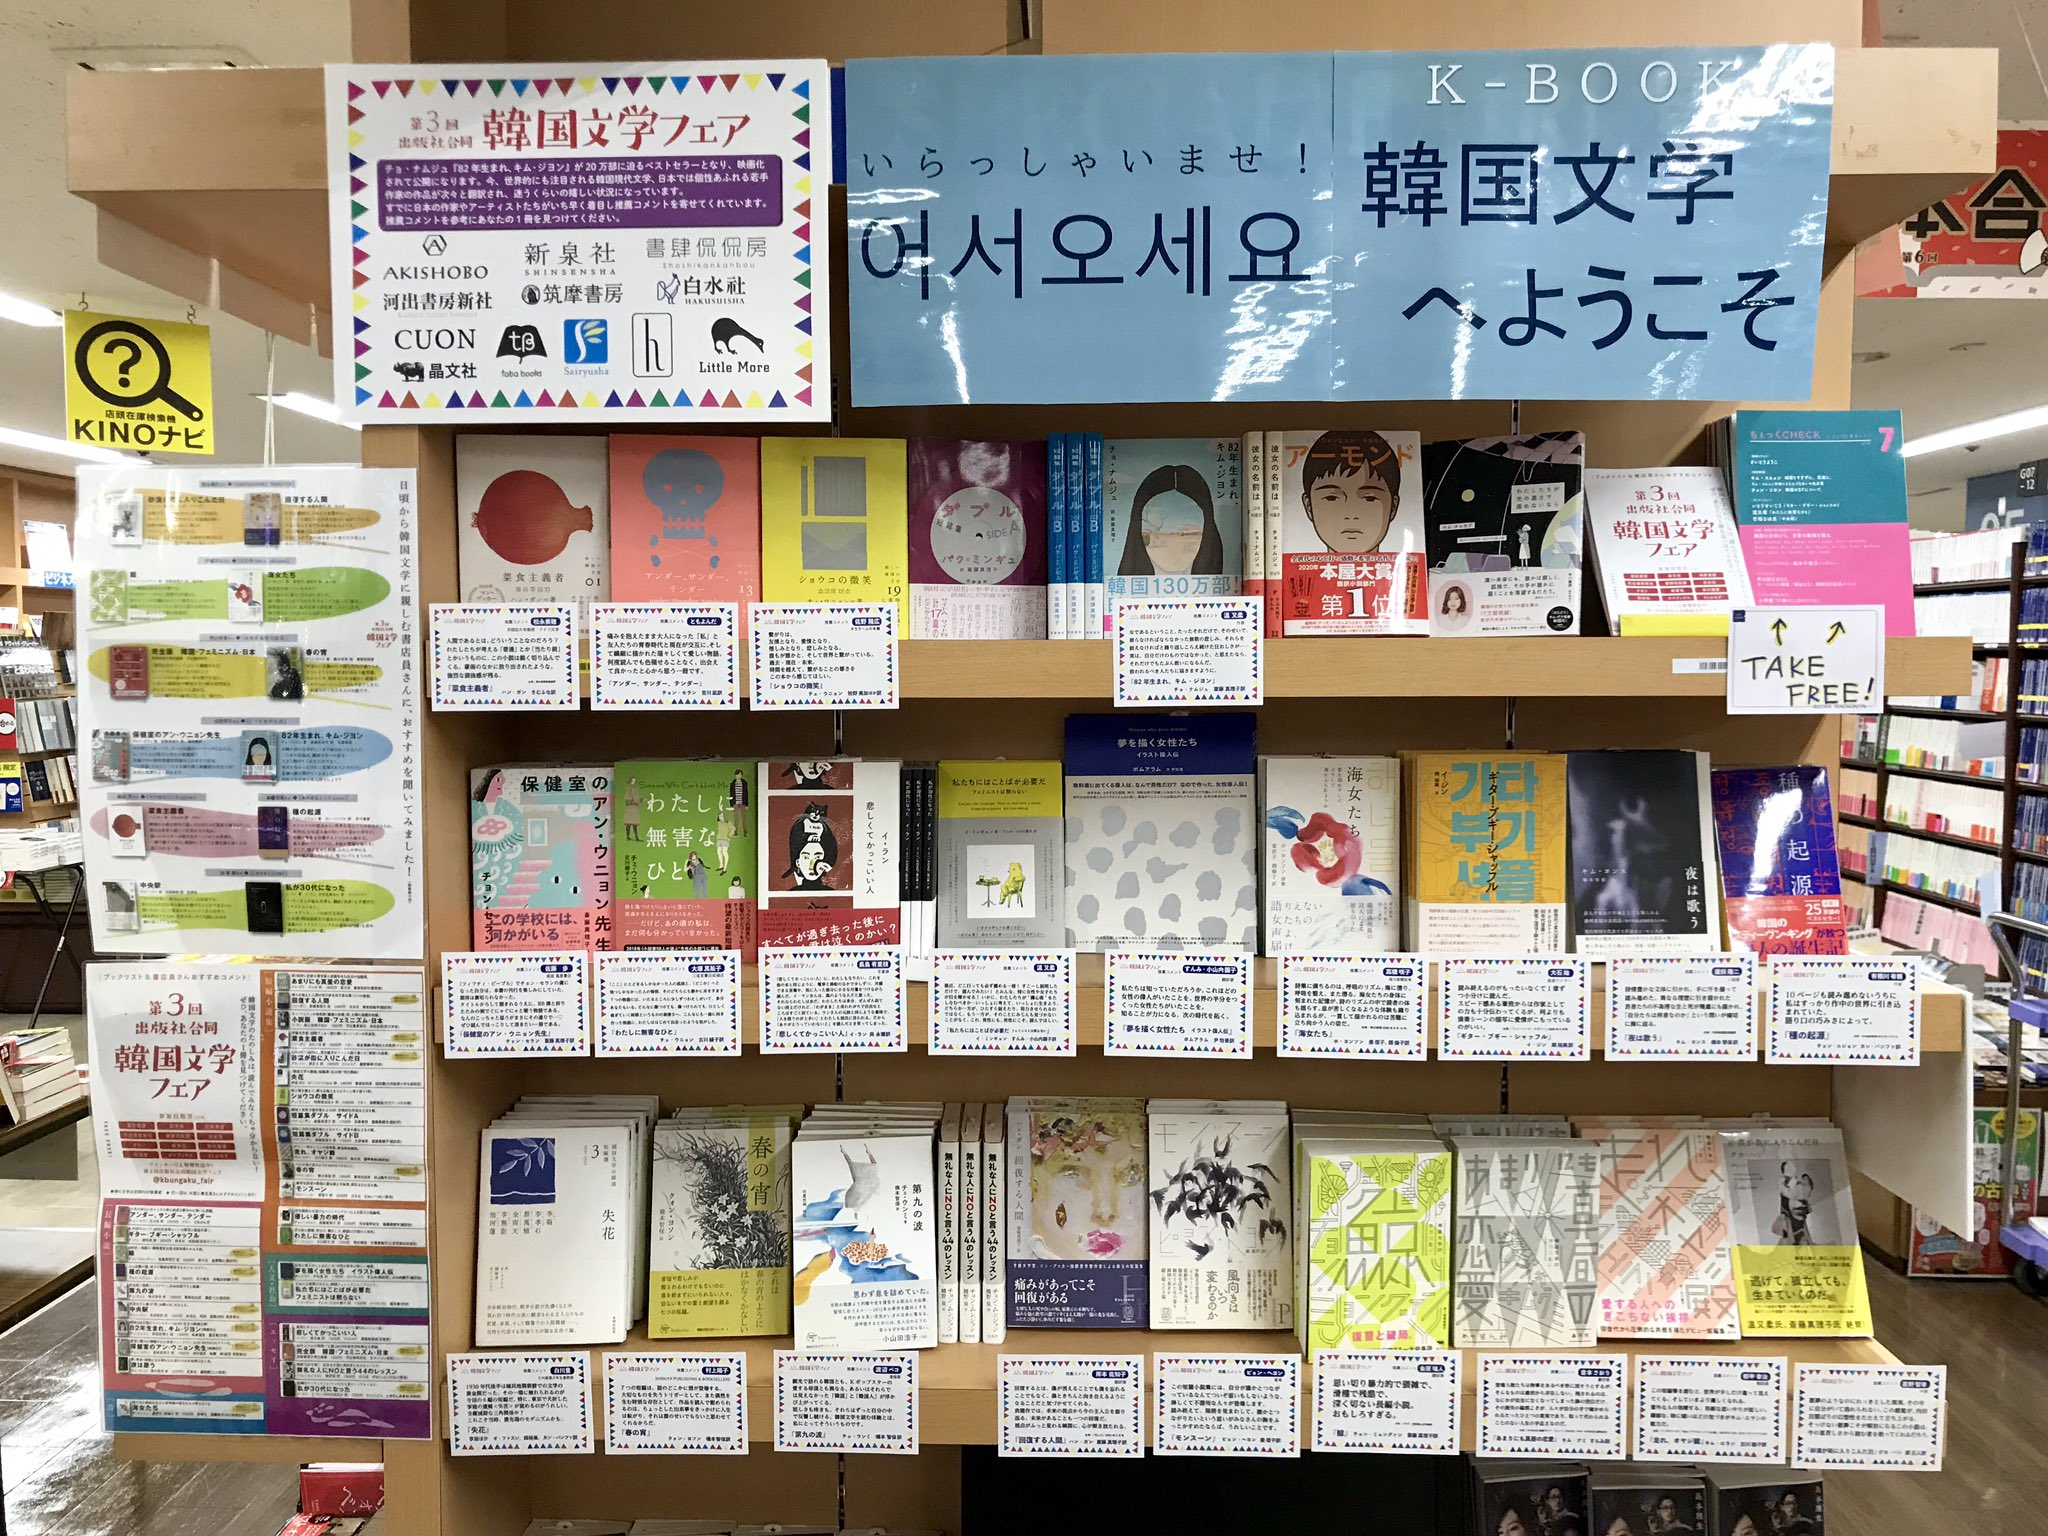 紀伊國屋書店:「韓国文学へようこそ」フェア